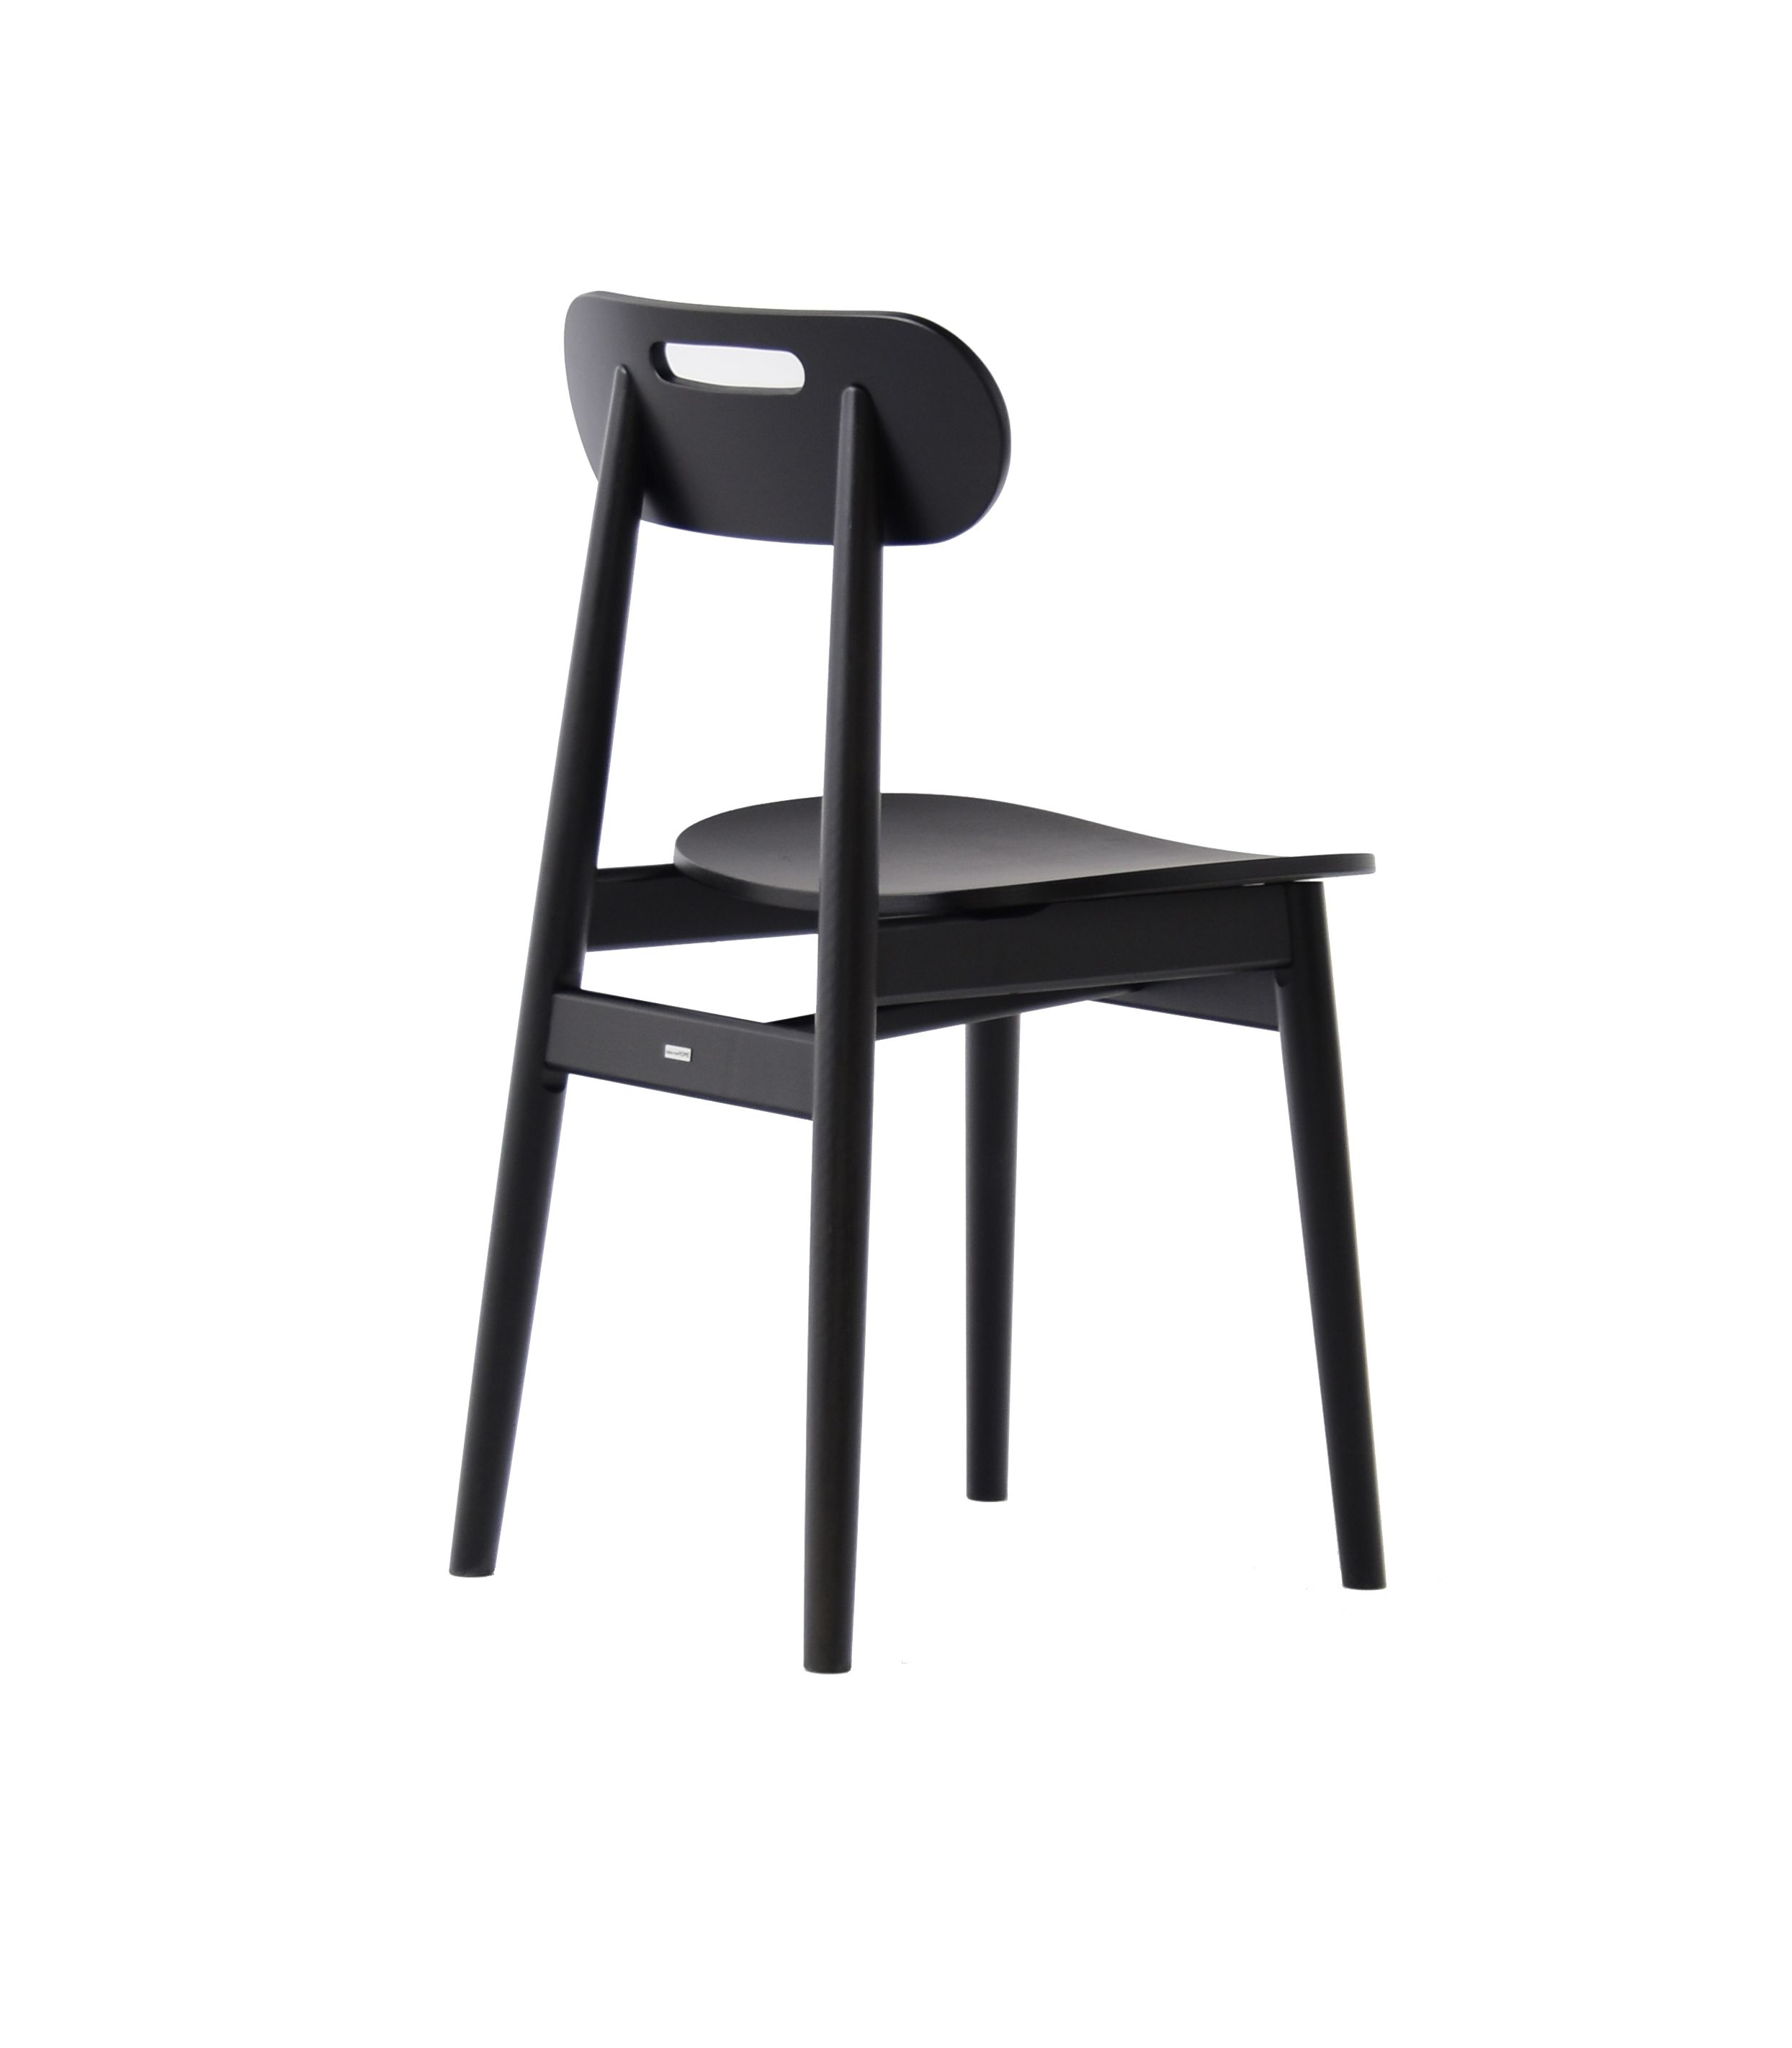 krzesło skandynawskie dębowe czarne